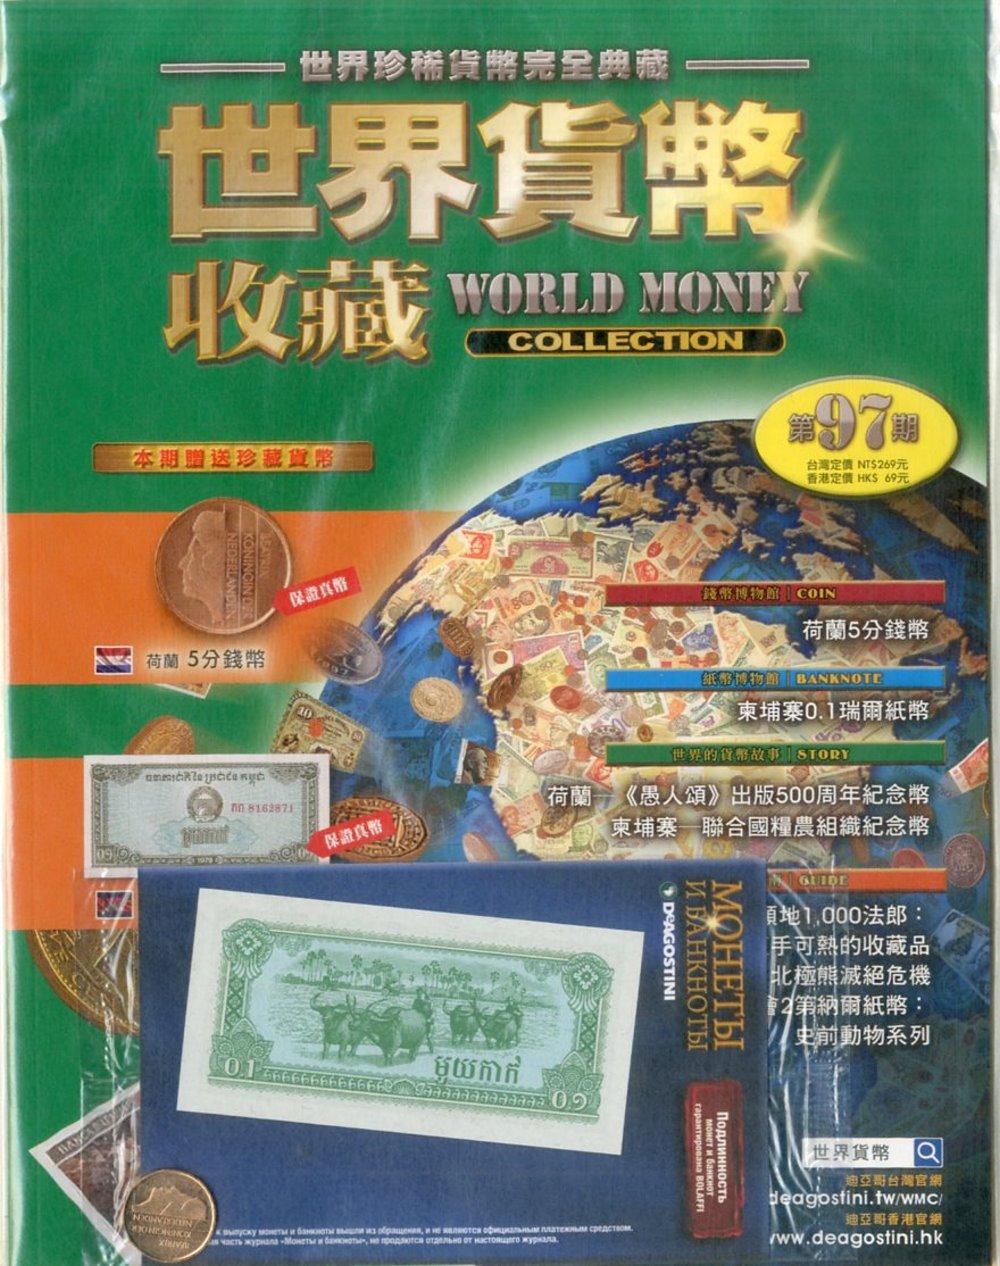 世界貨幣收藏 2018/11/6 第97期